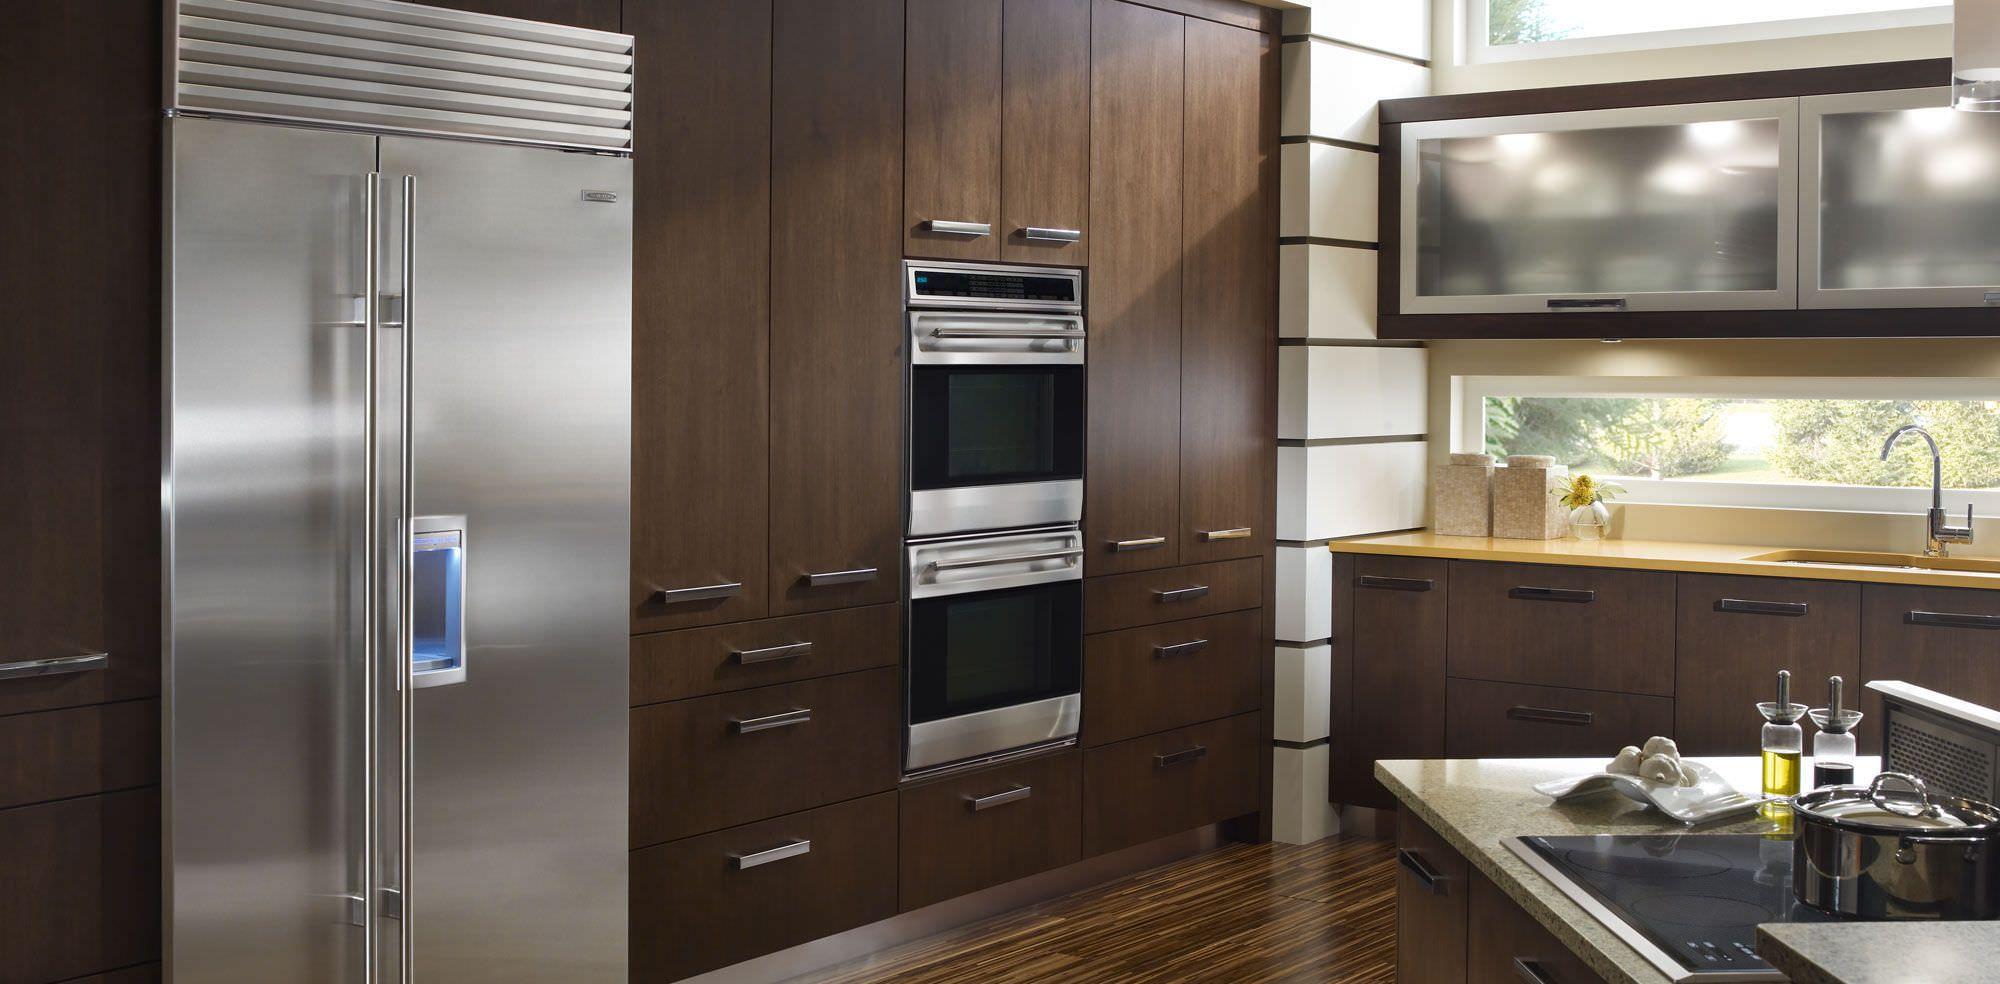 r sultat de recherche d 39 images pour frigo americain. Black Bedroom Furniture Sets. Home Design Ideas